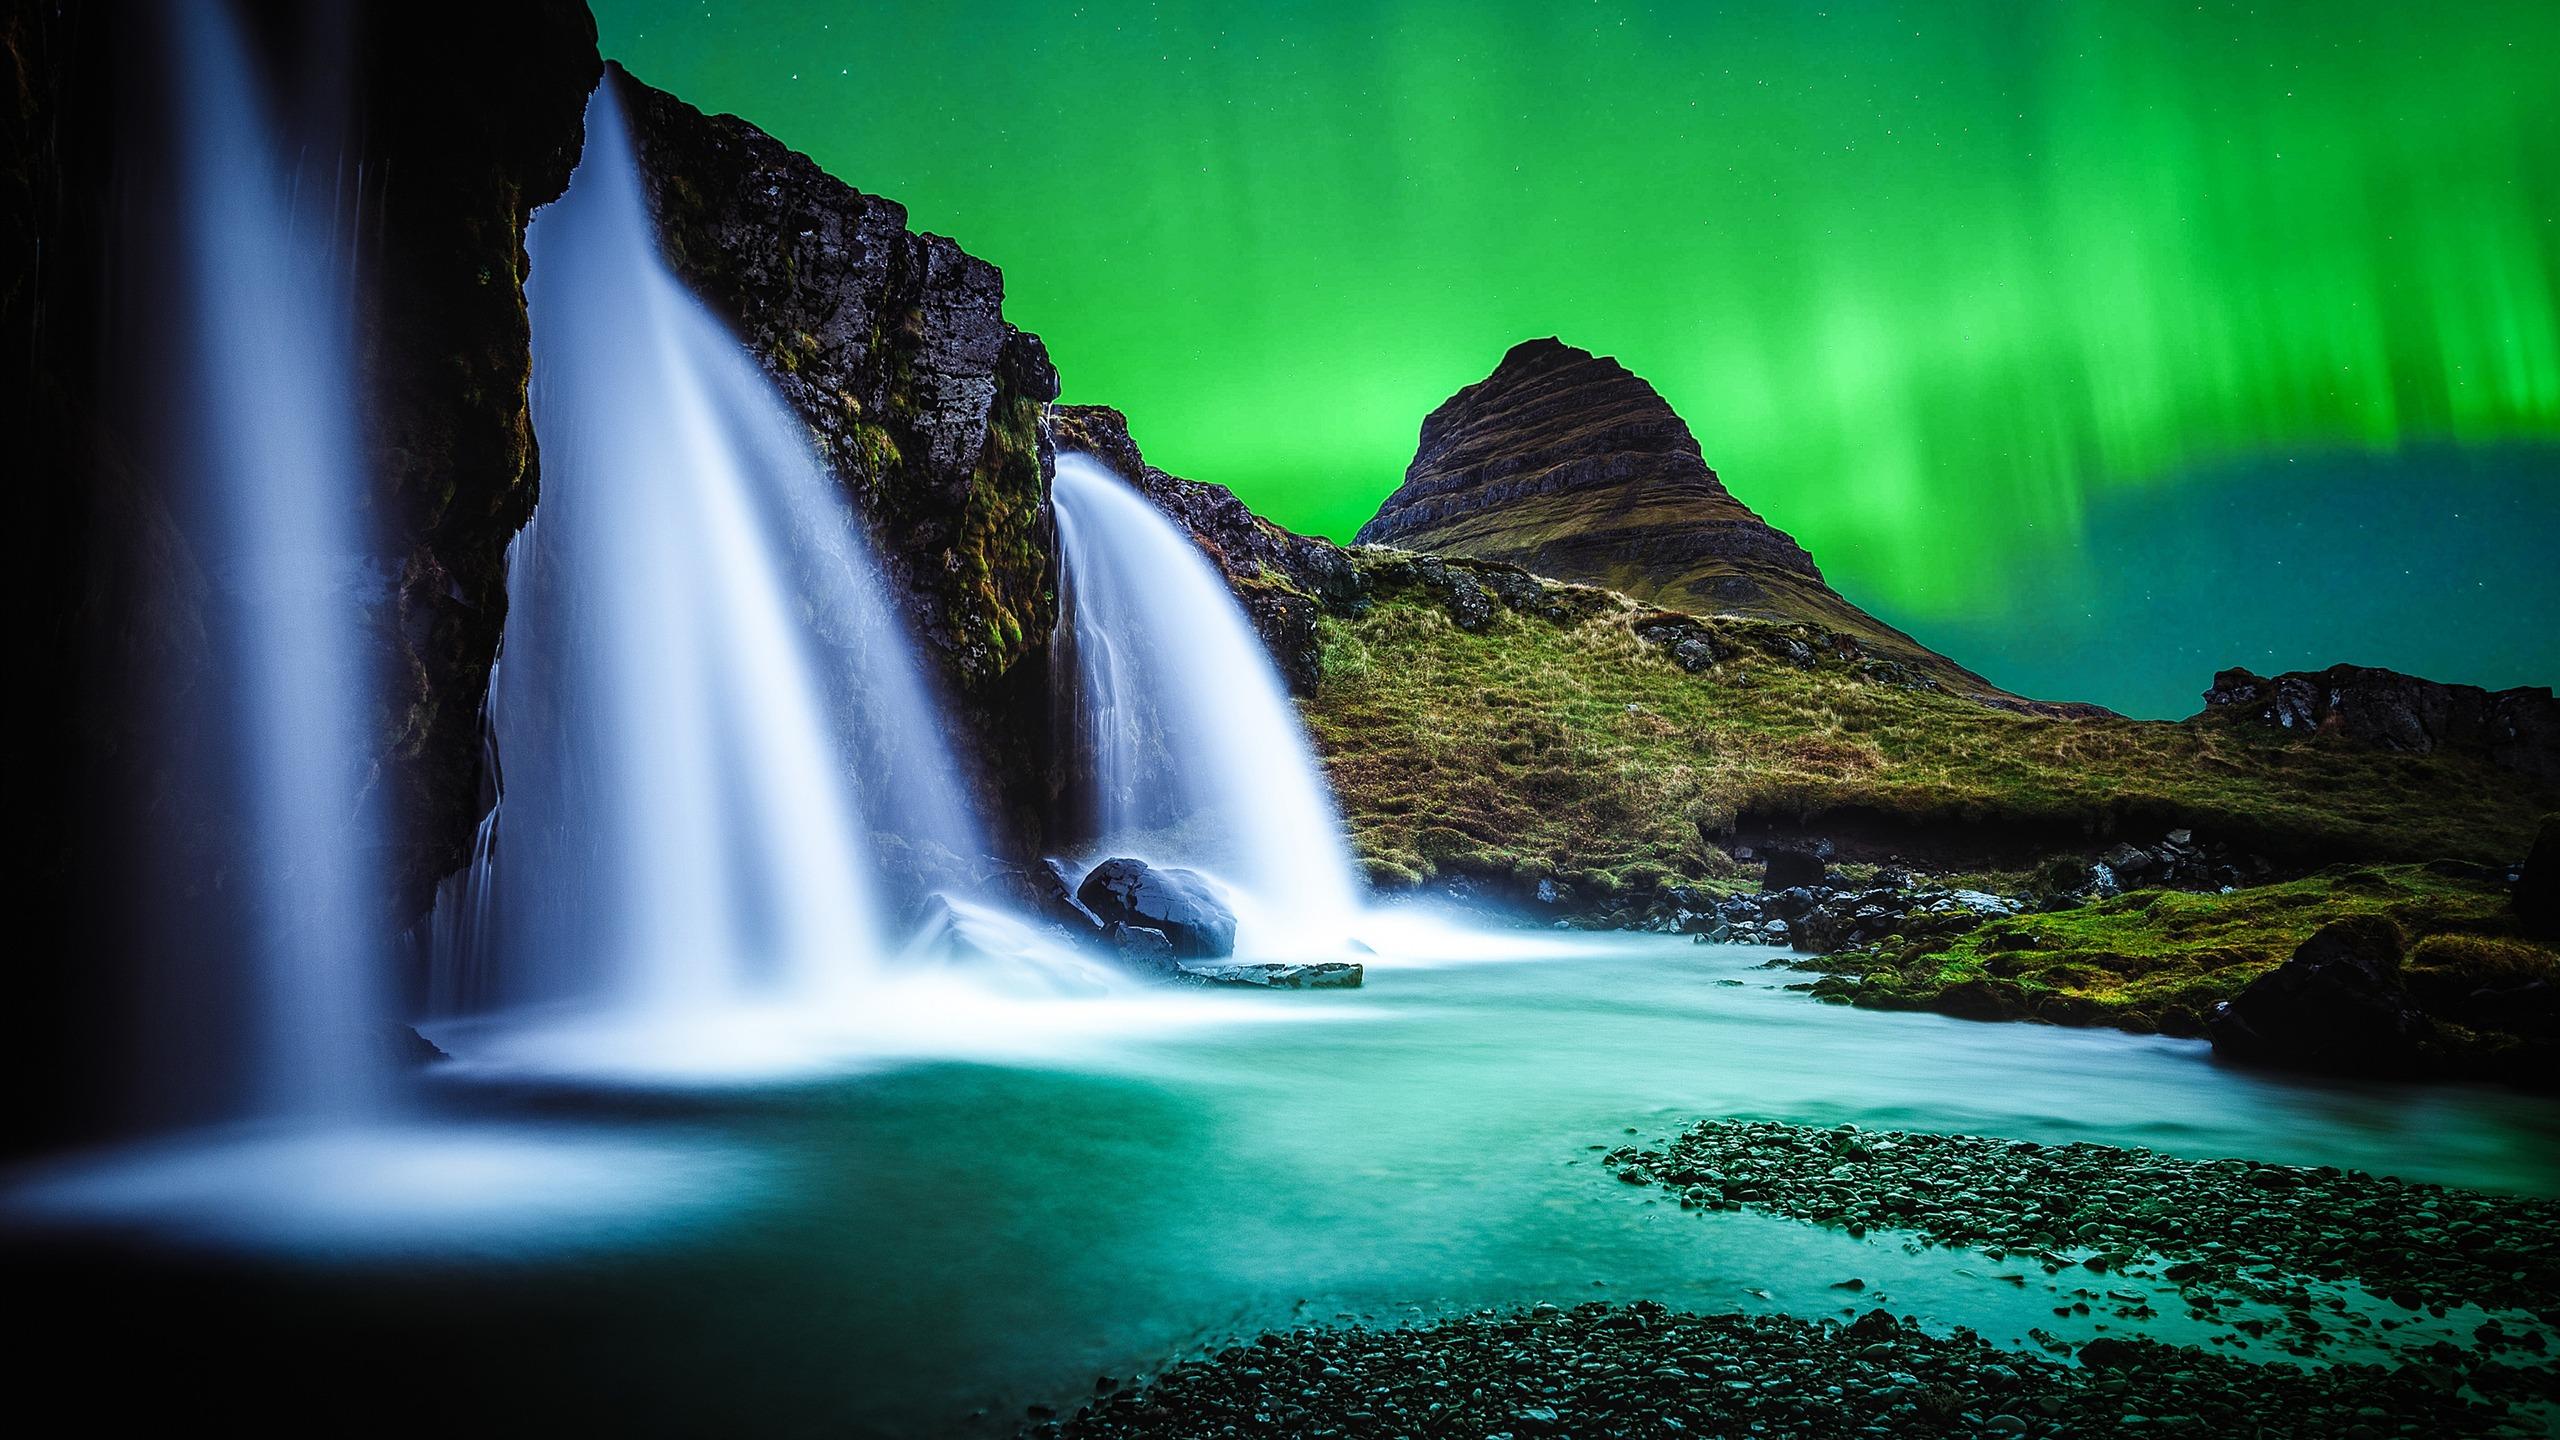 4k Hd Wallapaper: Iceland Waterfall River Night Aurora 4K Ultra HD-2560x1440